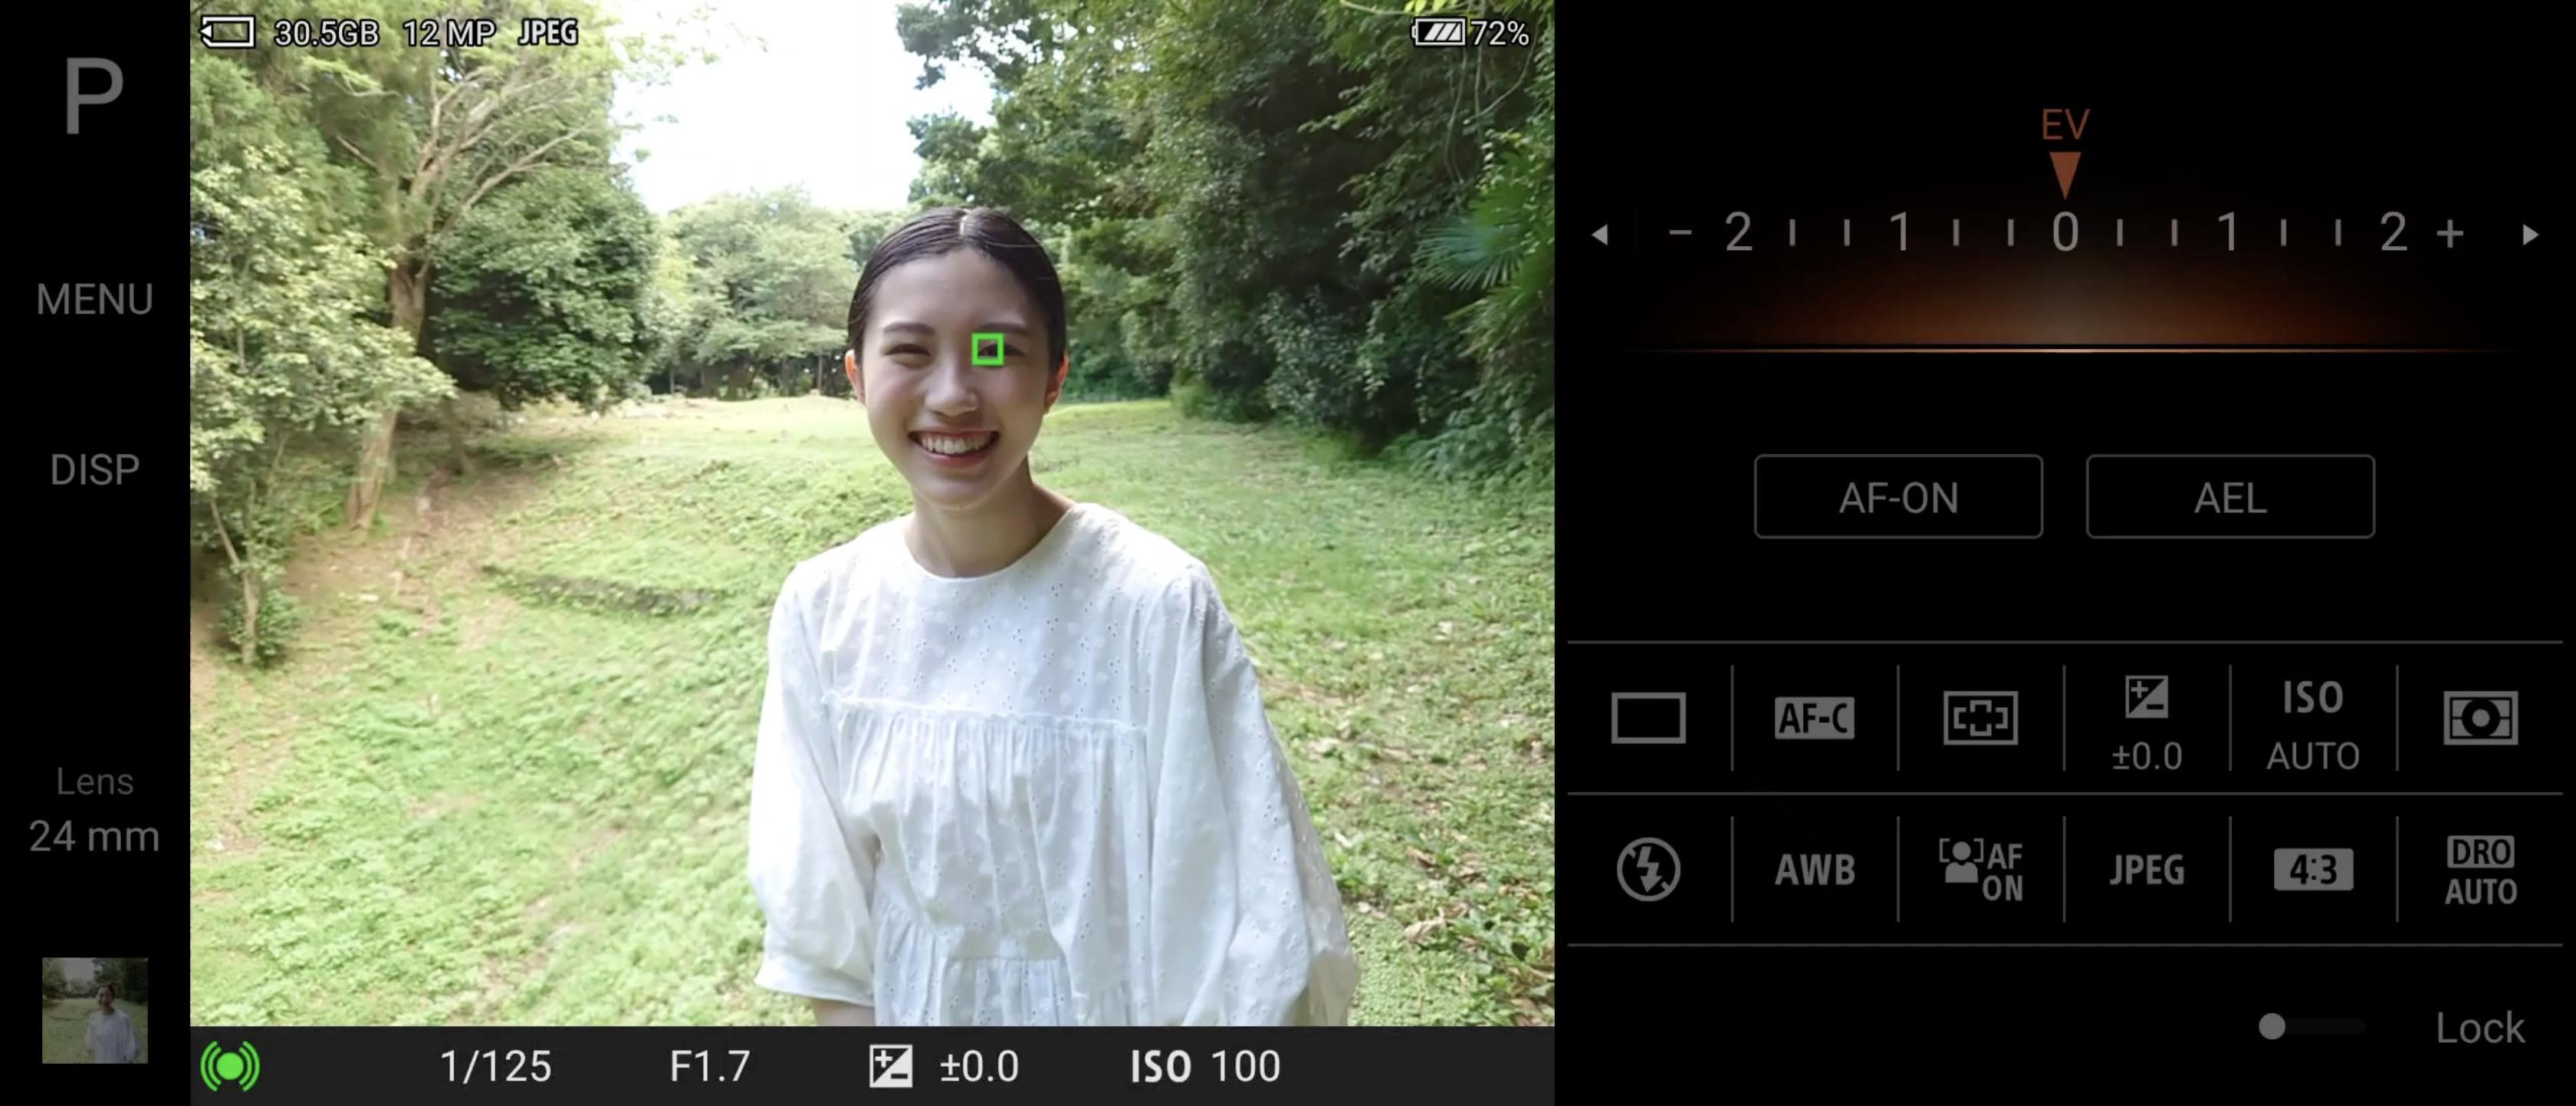 P(プログラムAE)モード時の「Photography Pro」。αユーザーなら各表示の意味がすぐに理解できるだろう